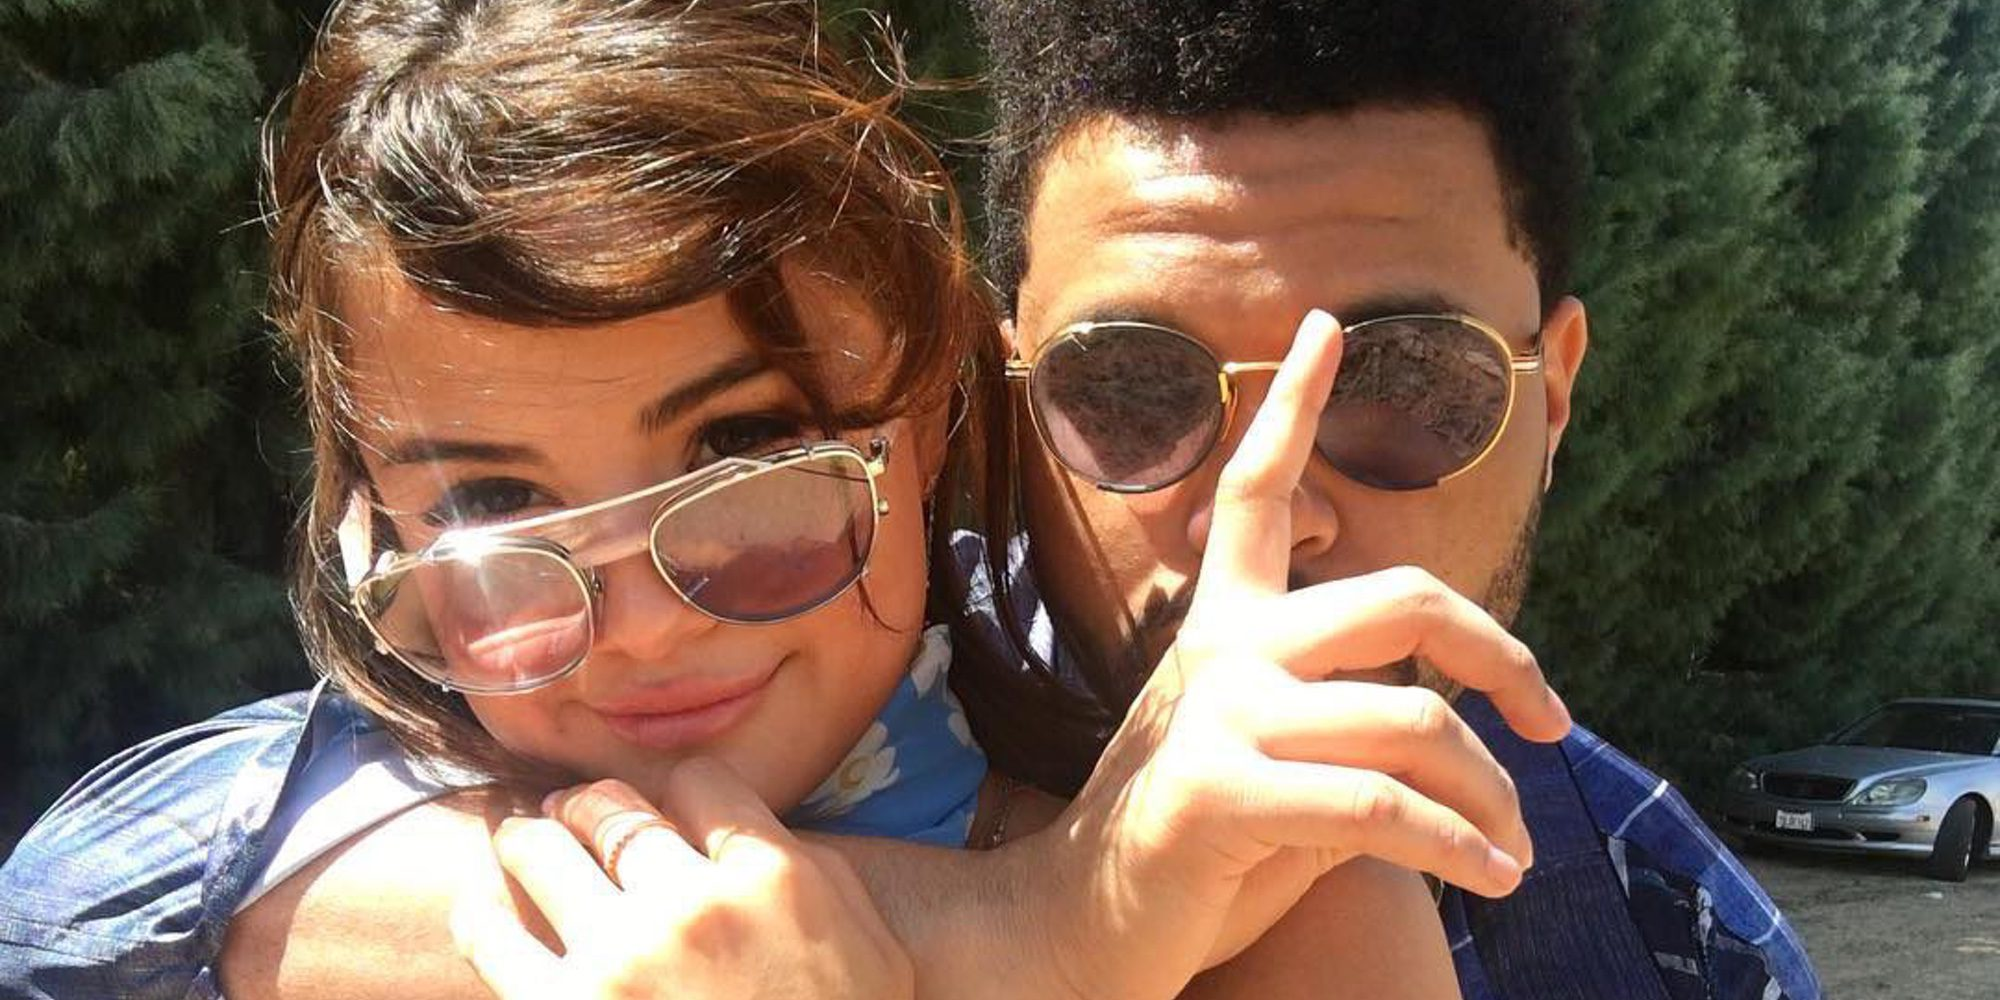 El romántico y cariñoso baile de Selena Gomez y The Weeknd